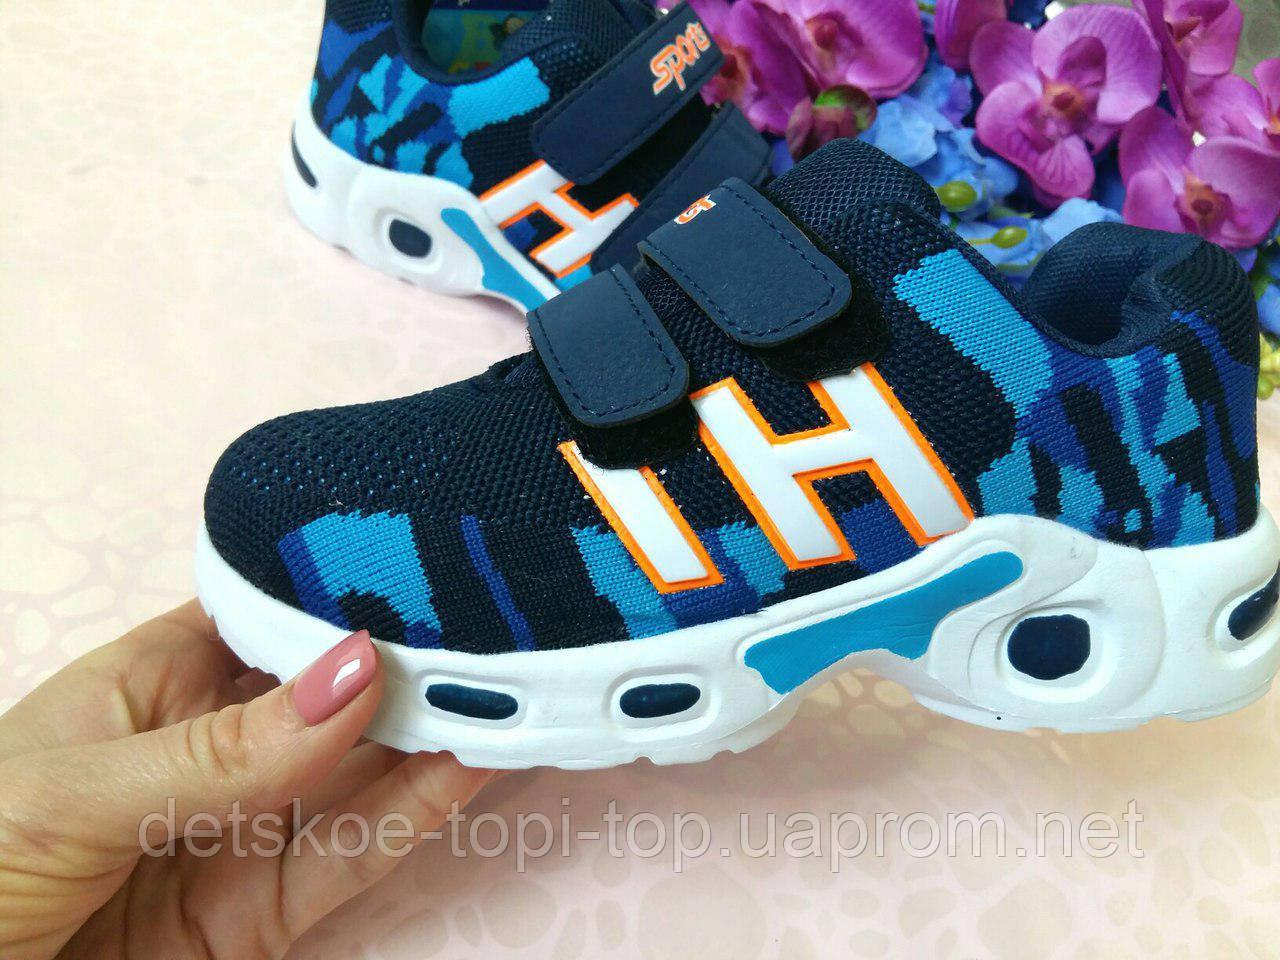 Детские кроссовки для мальчика, легкие, размер 31-35